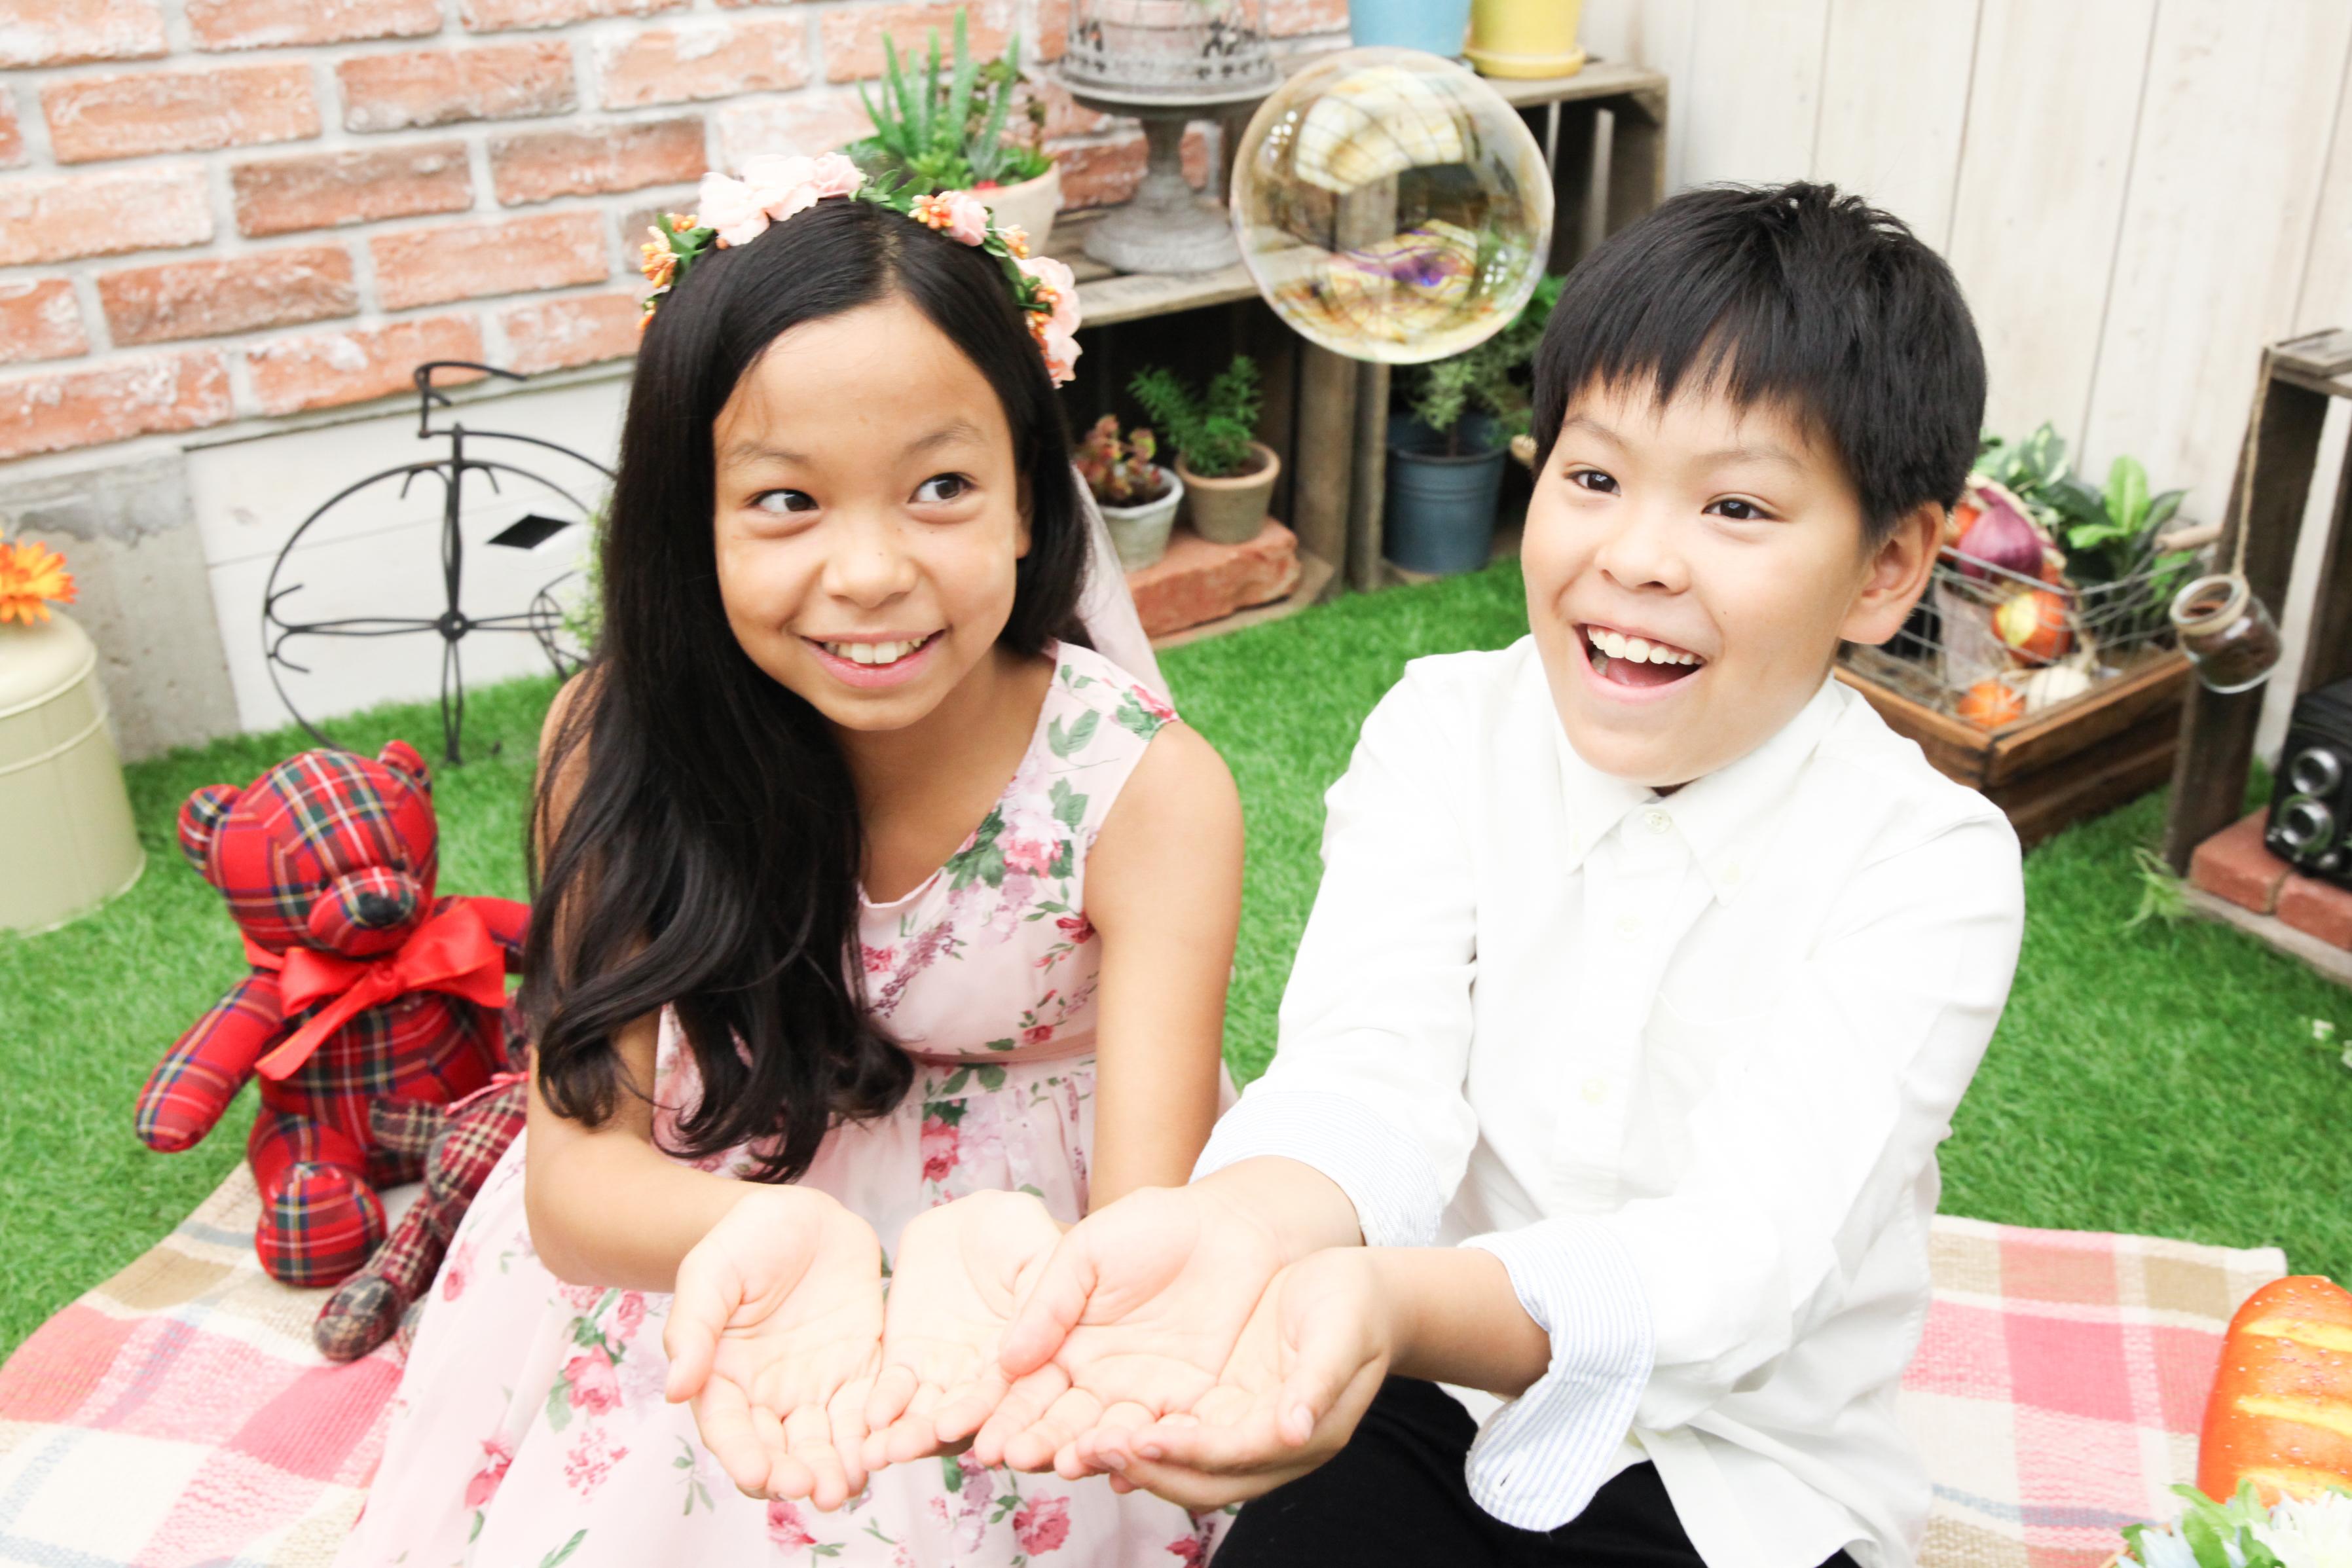 【1/2成人式】10歳双子の男の子と女の子